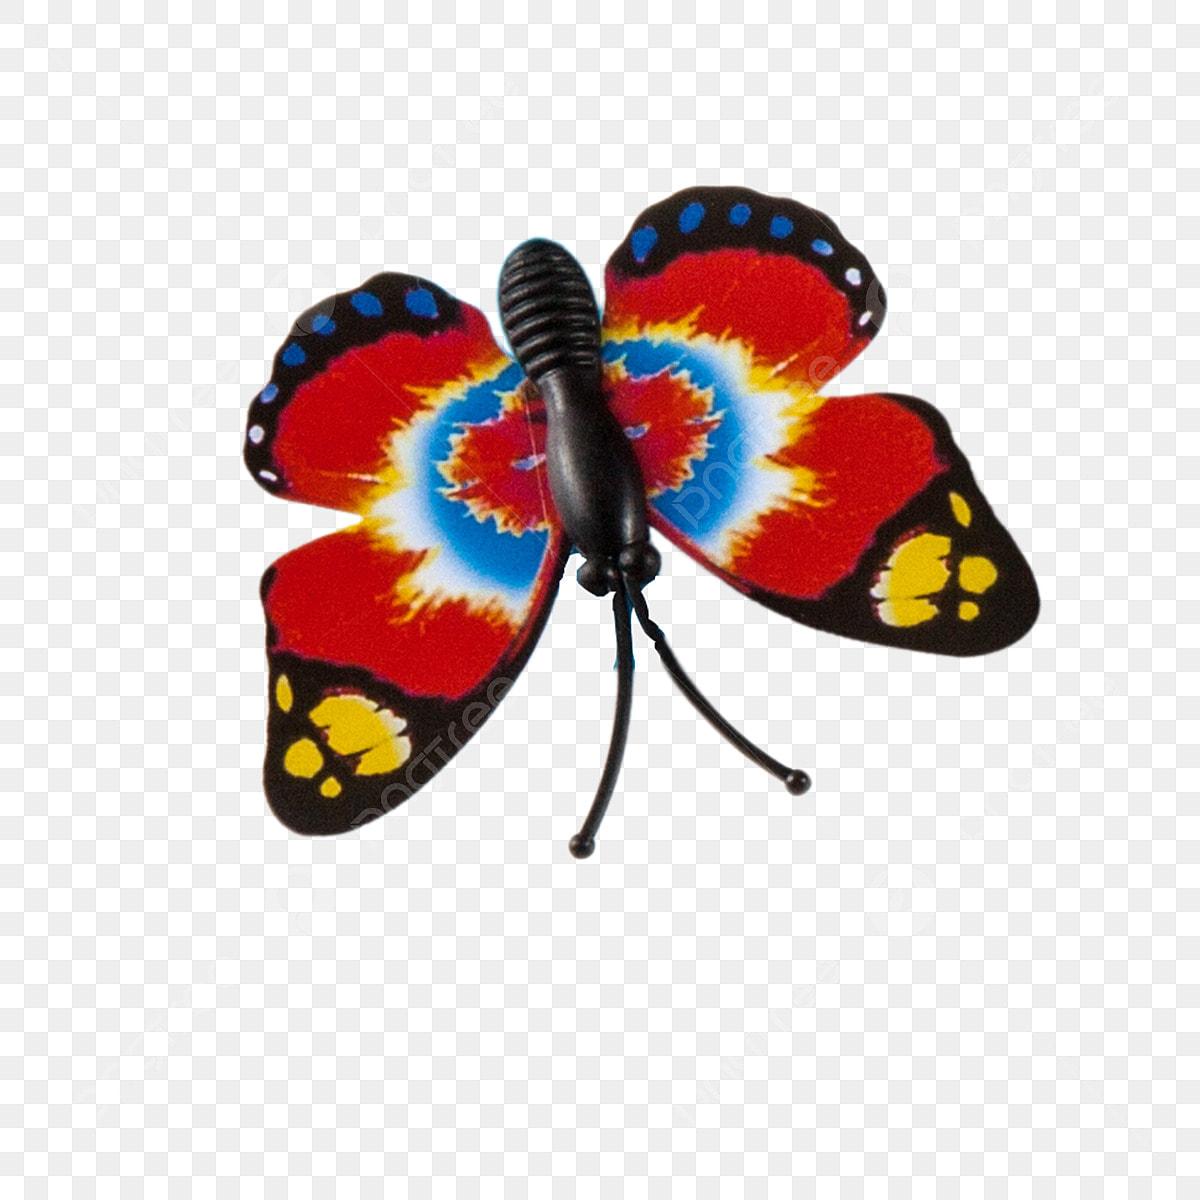 فراشة الربيع فراشة ملونة فراشة فراشة صغيرة رسوم متحركة فراشة الربيع ربيع Png وملف Psd للتحميل مجانا